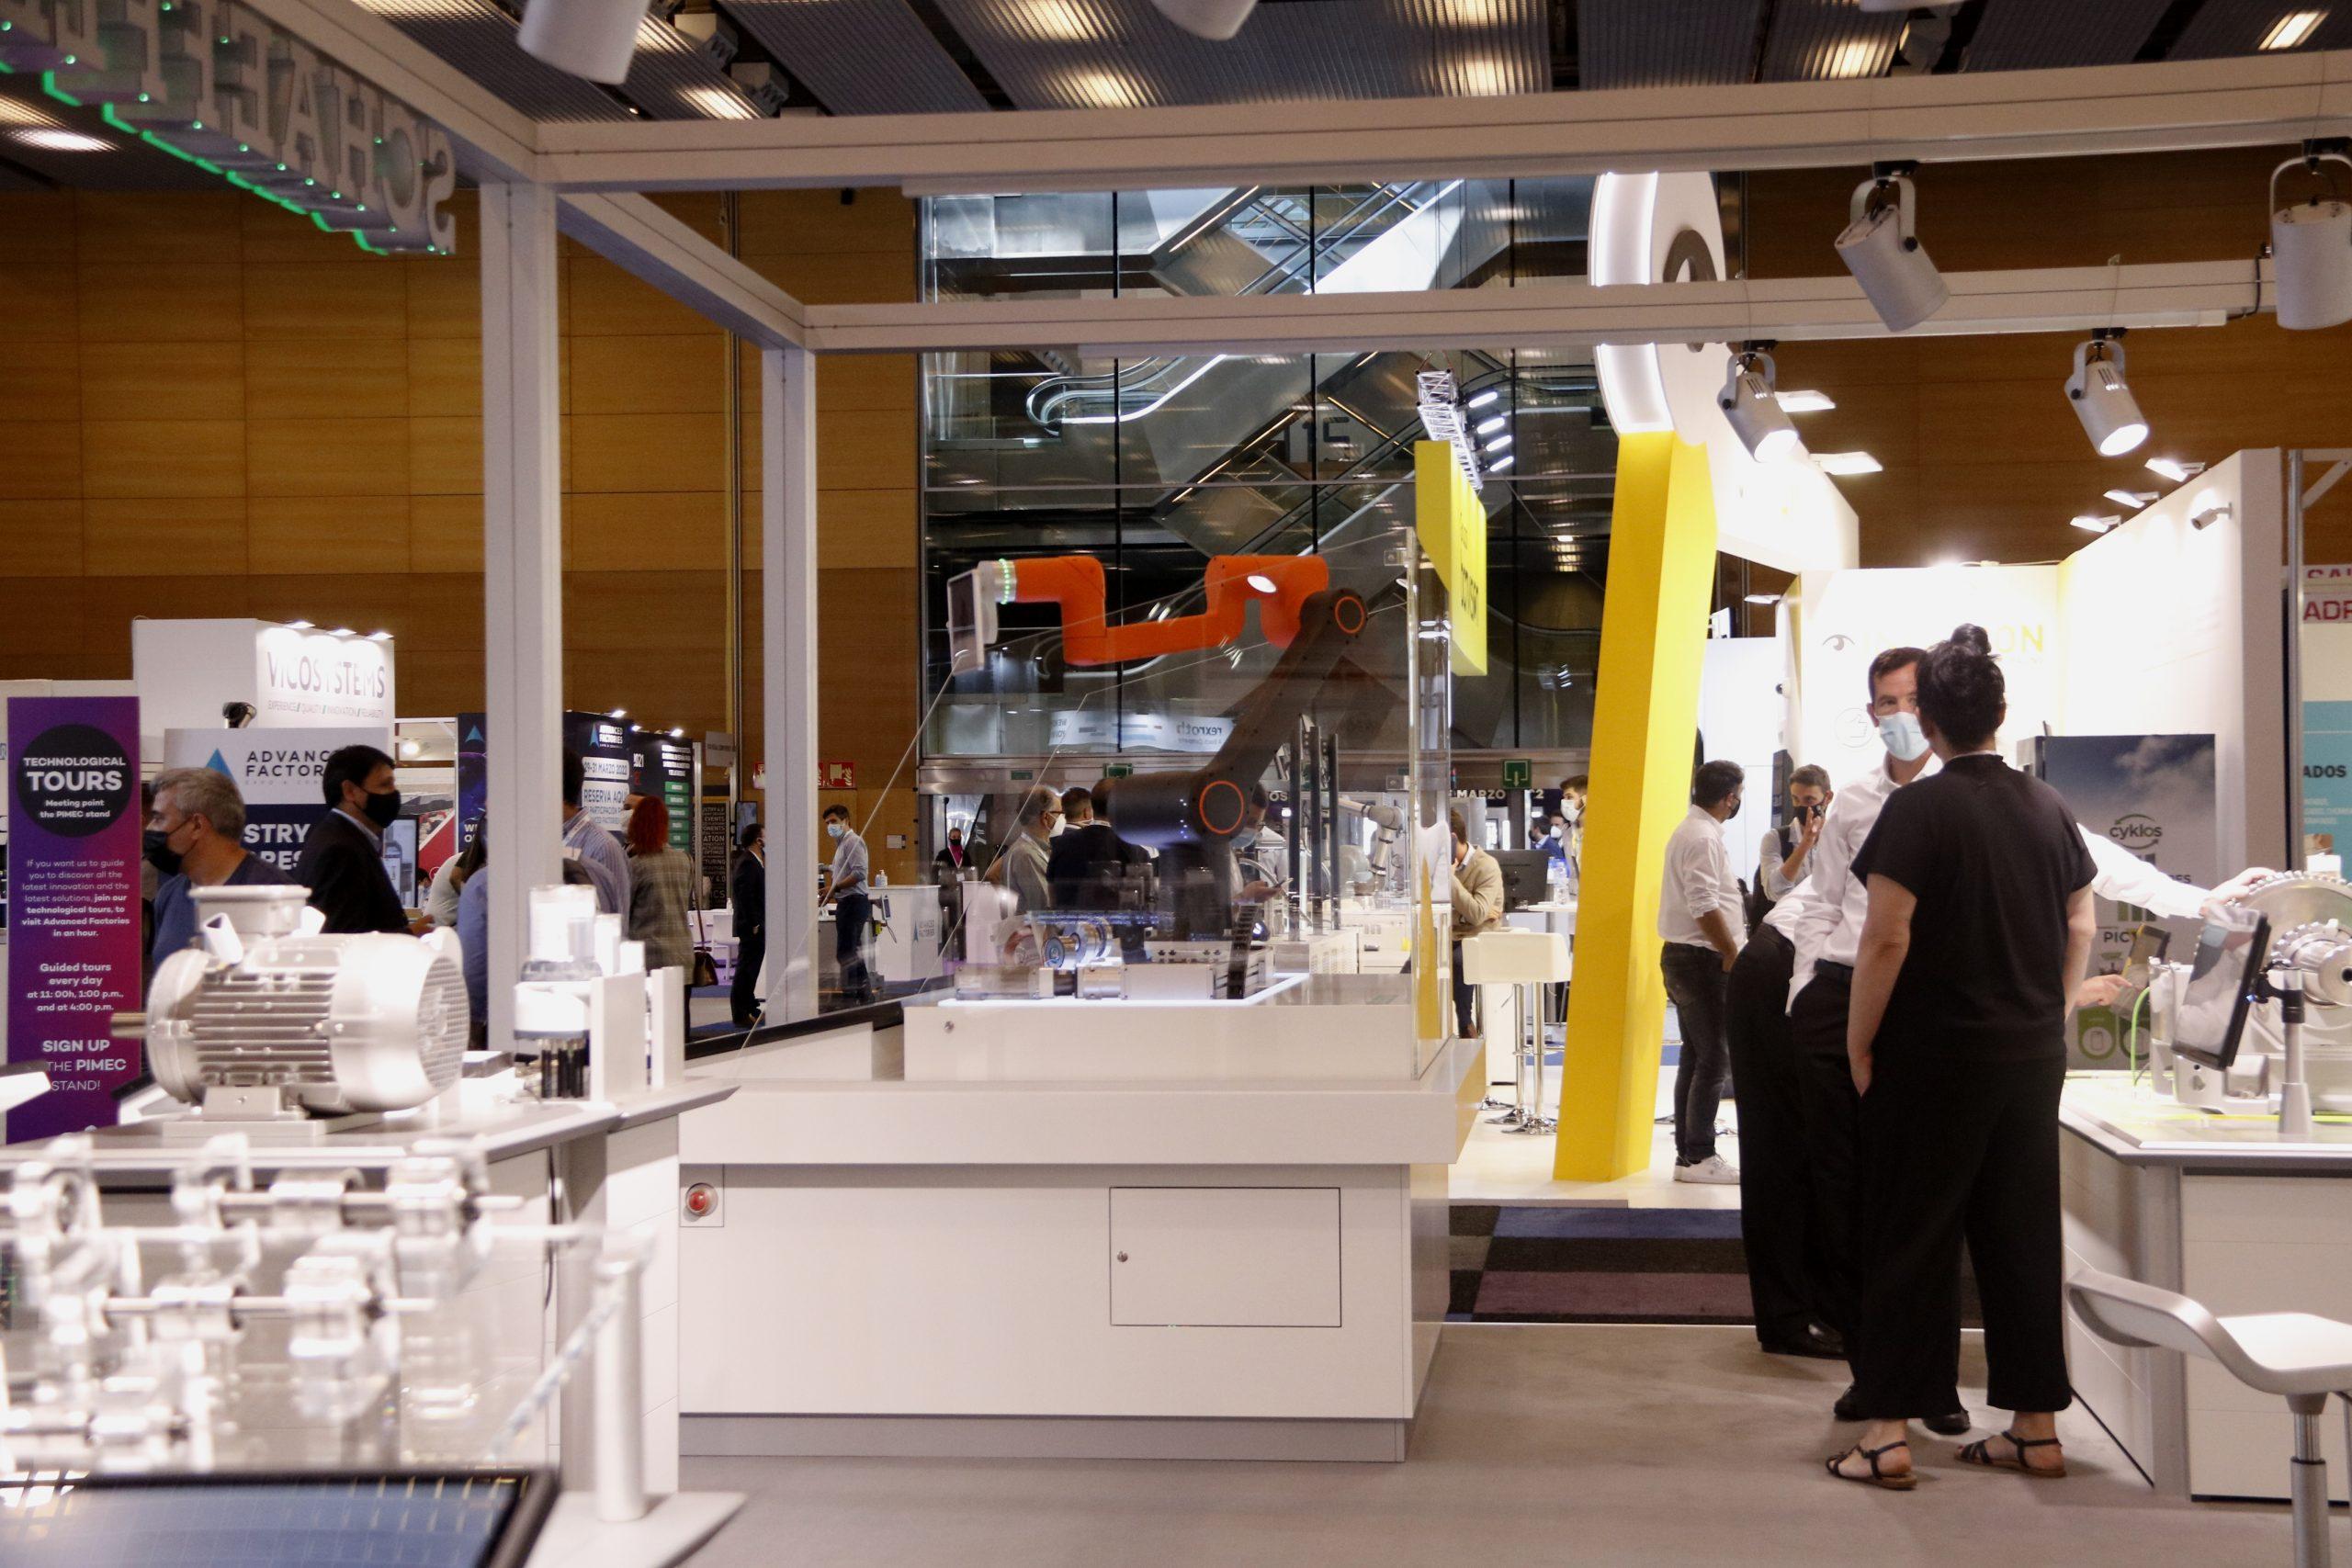 Estand de l'Advanced Factories, al Centre de Convencions Internacional / Aina Martí / ACN